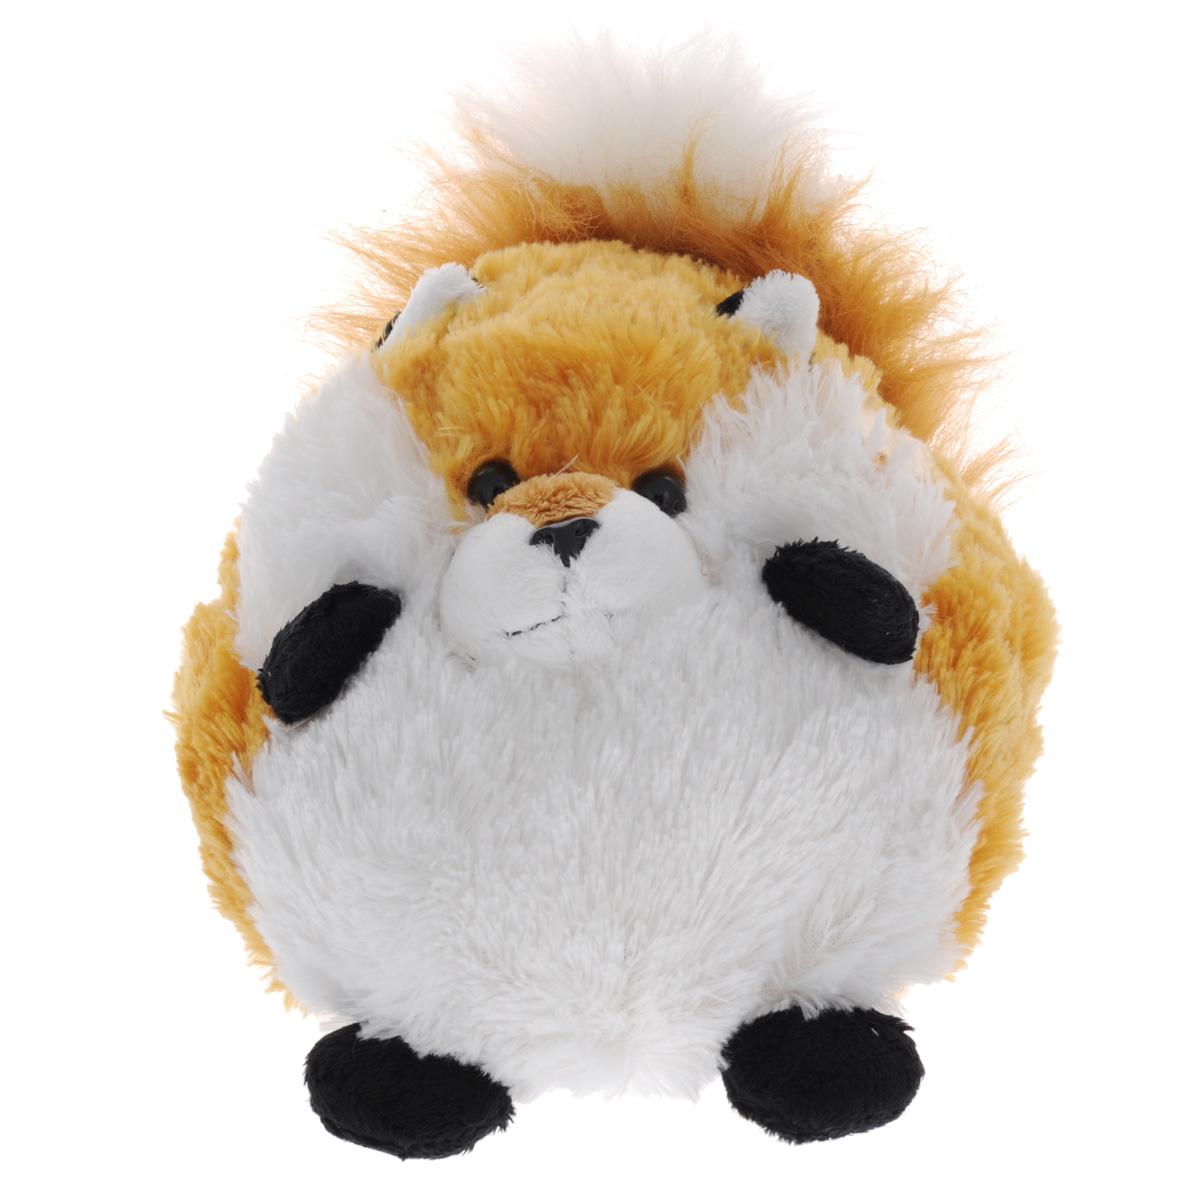 Мягкая игрушка Gulliver Пушистый хвостик: лисичка, 20 см игрушка мягкая gulliver пушистый хвостик белочка 30см